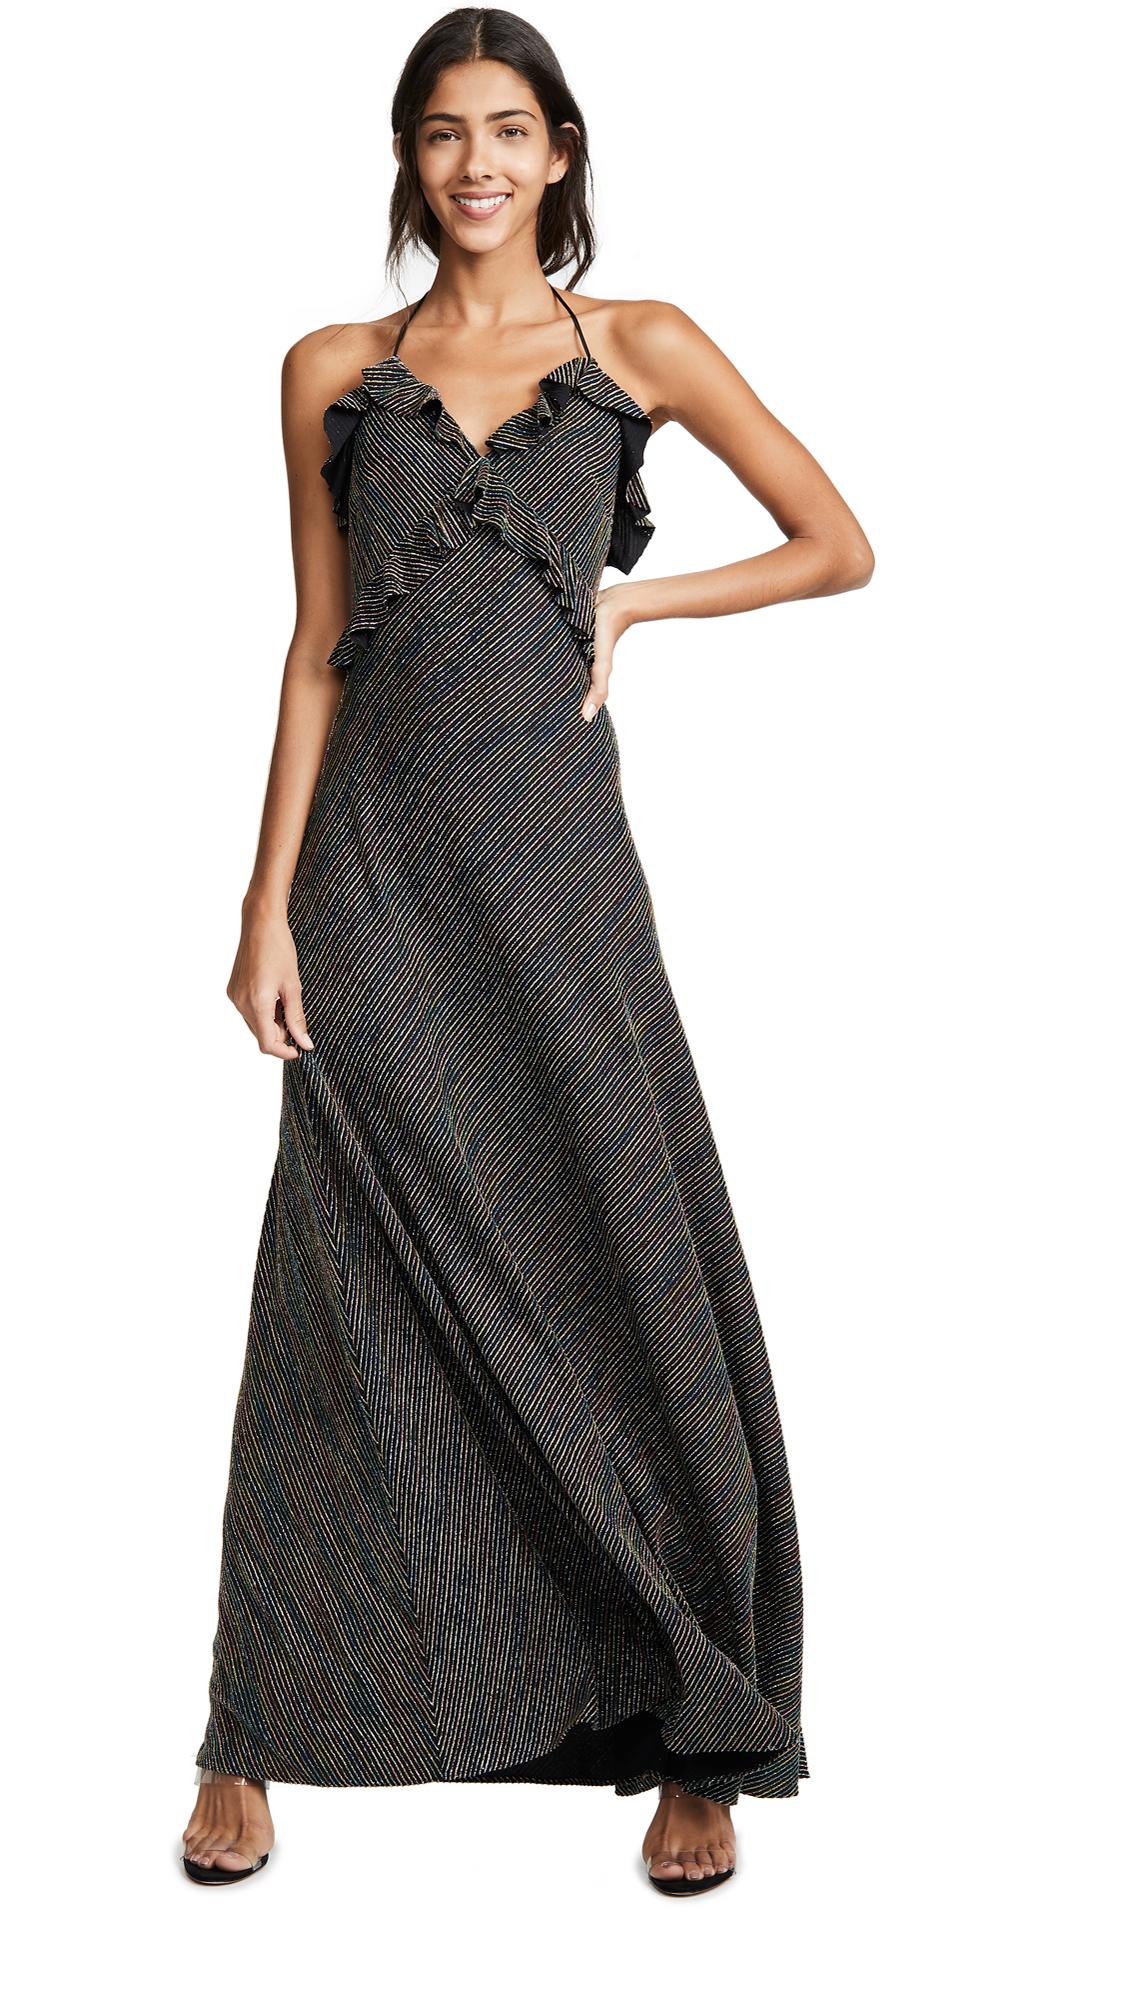 Jill Jill Stuart Metallic Stripe Dress - Silver Multi